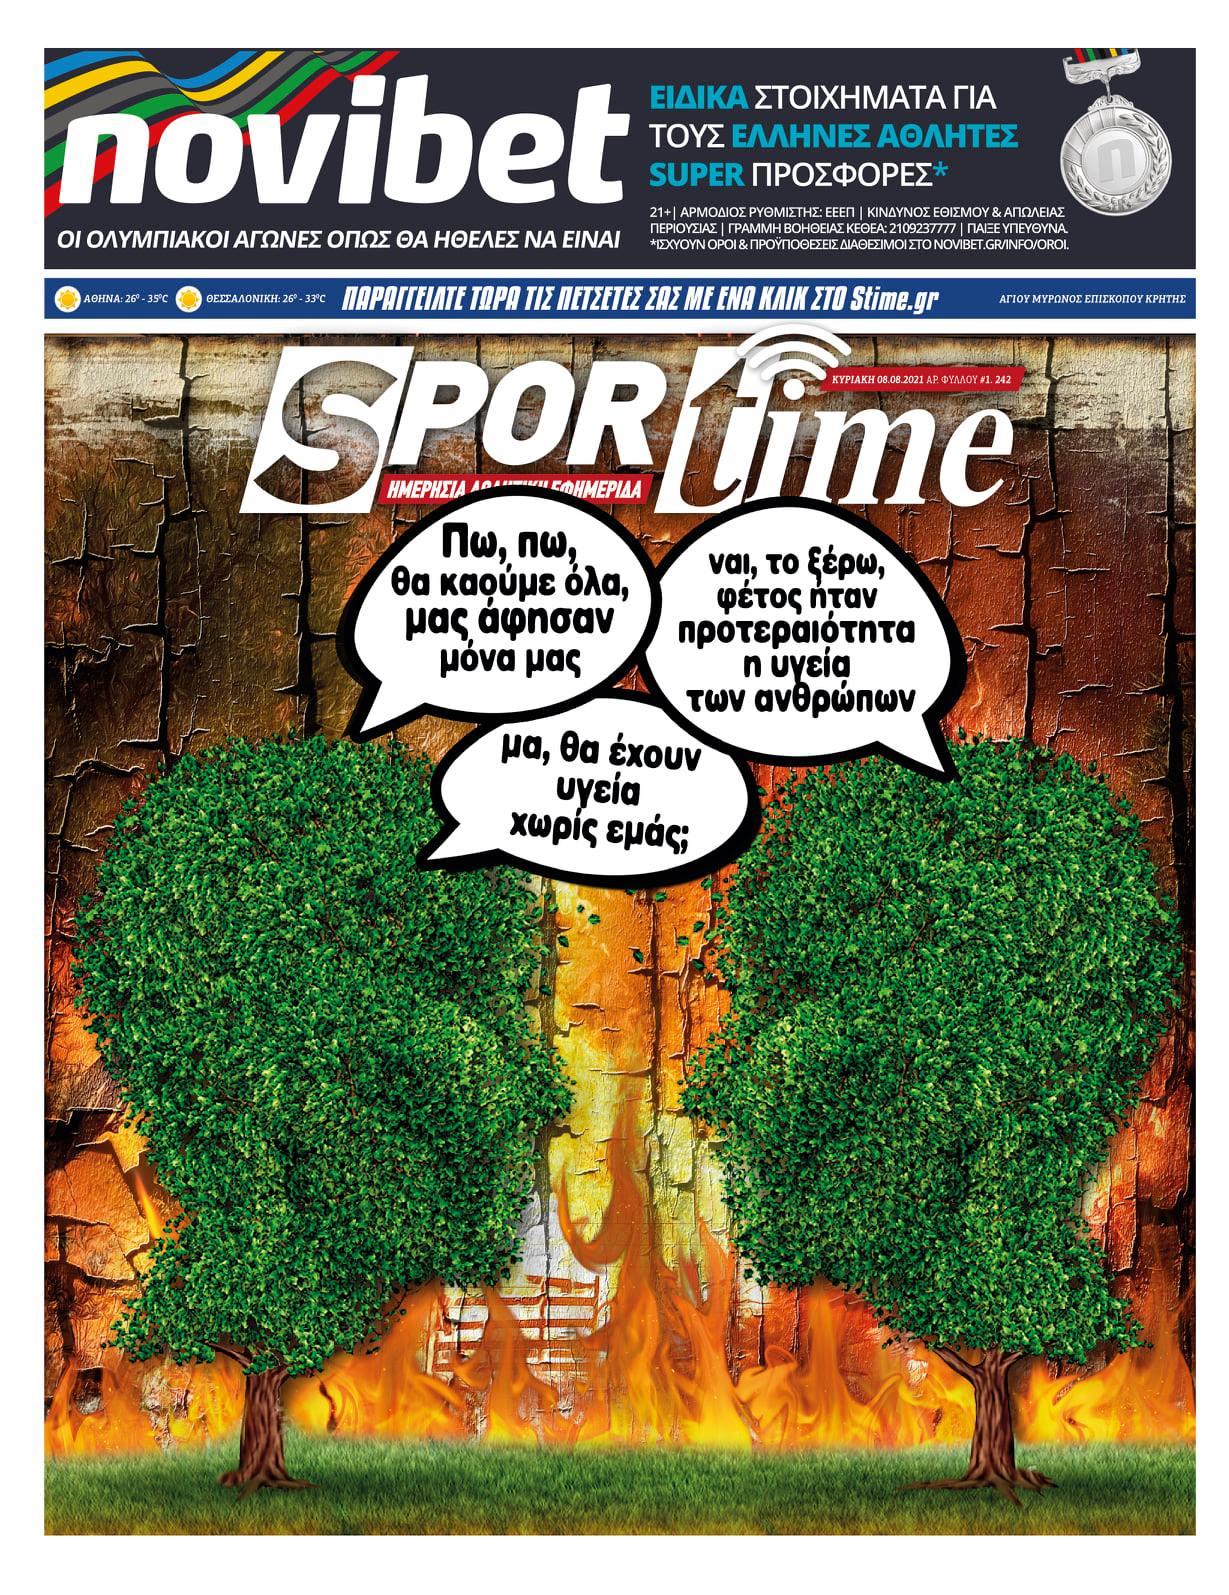 Εφημερίδα SPORTIME - Εξώφυλλο φύλλου 8/8/2021